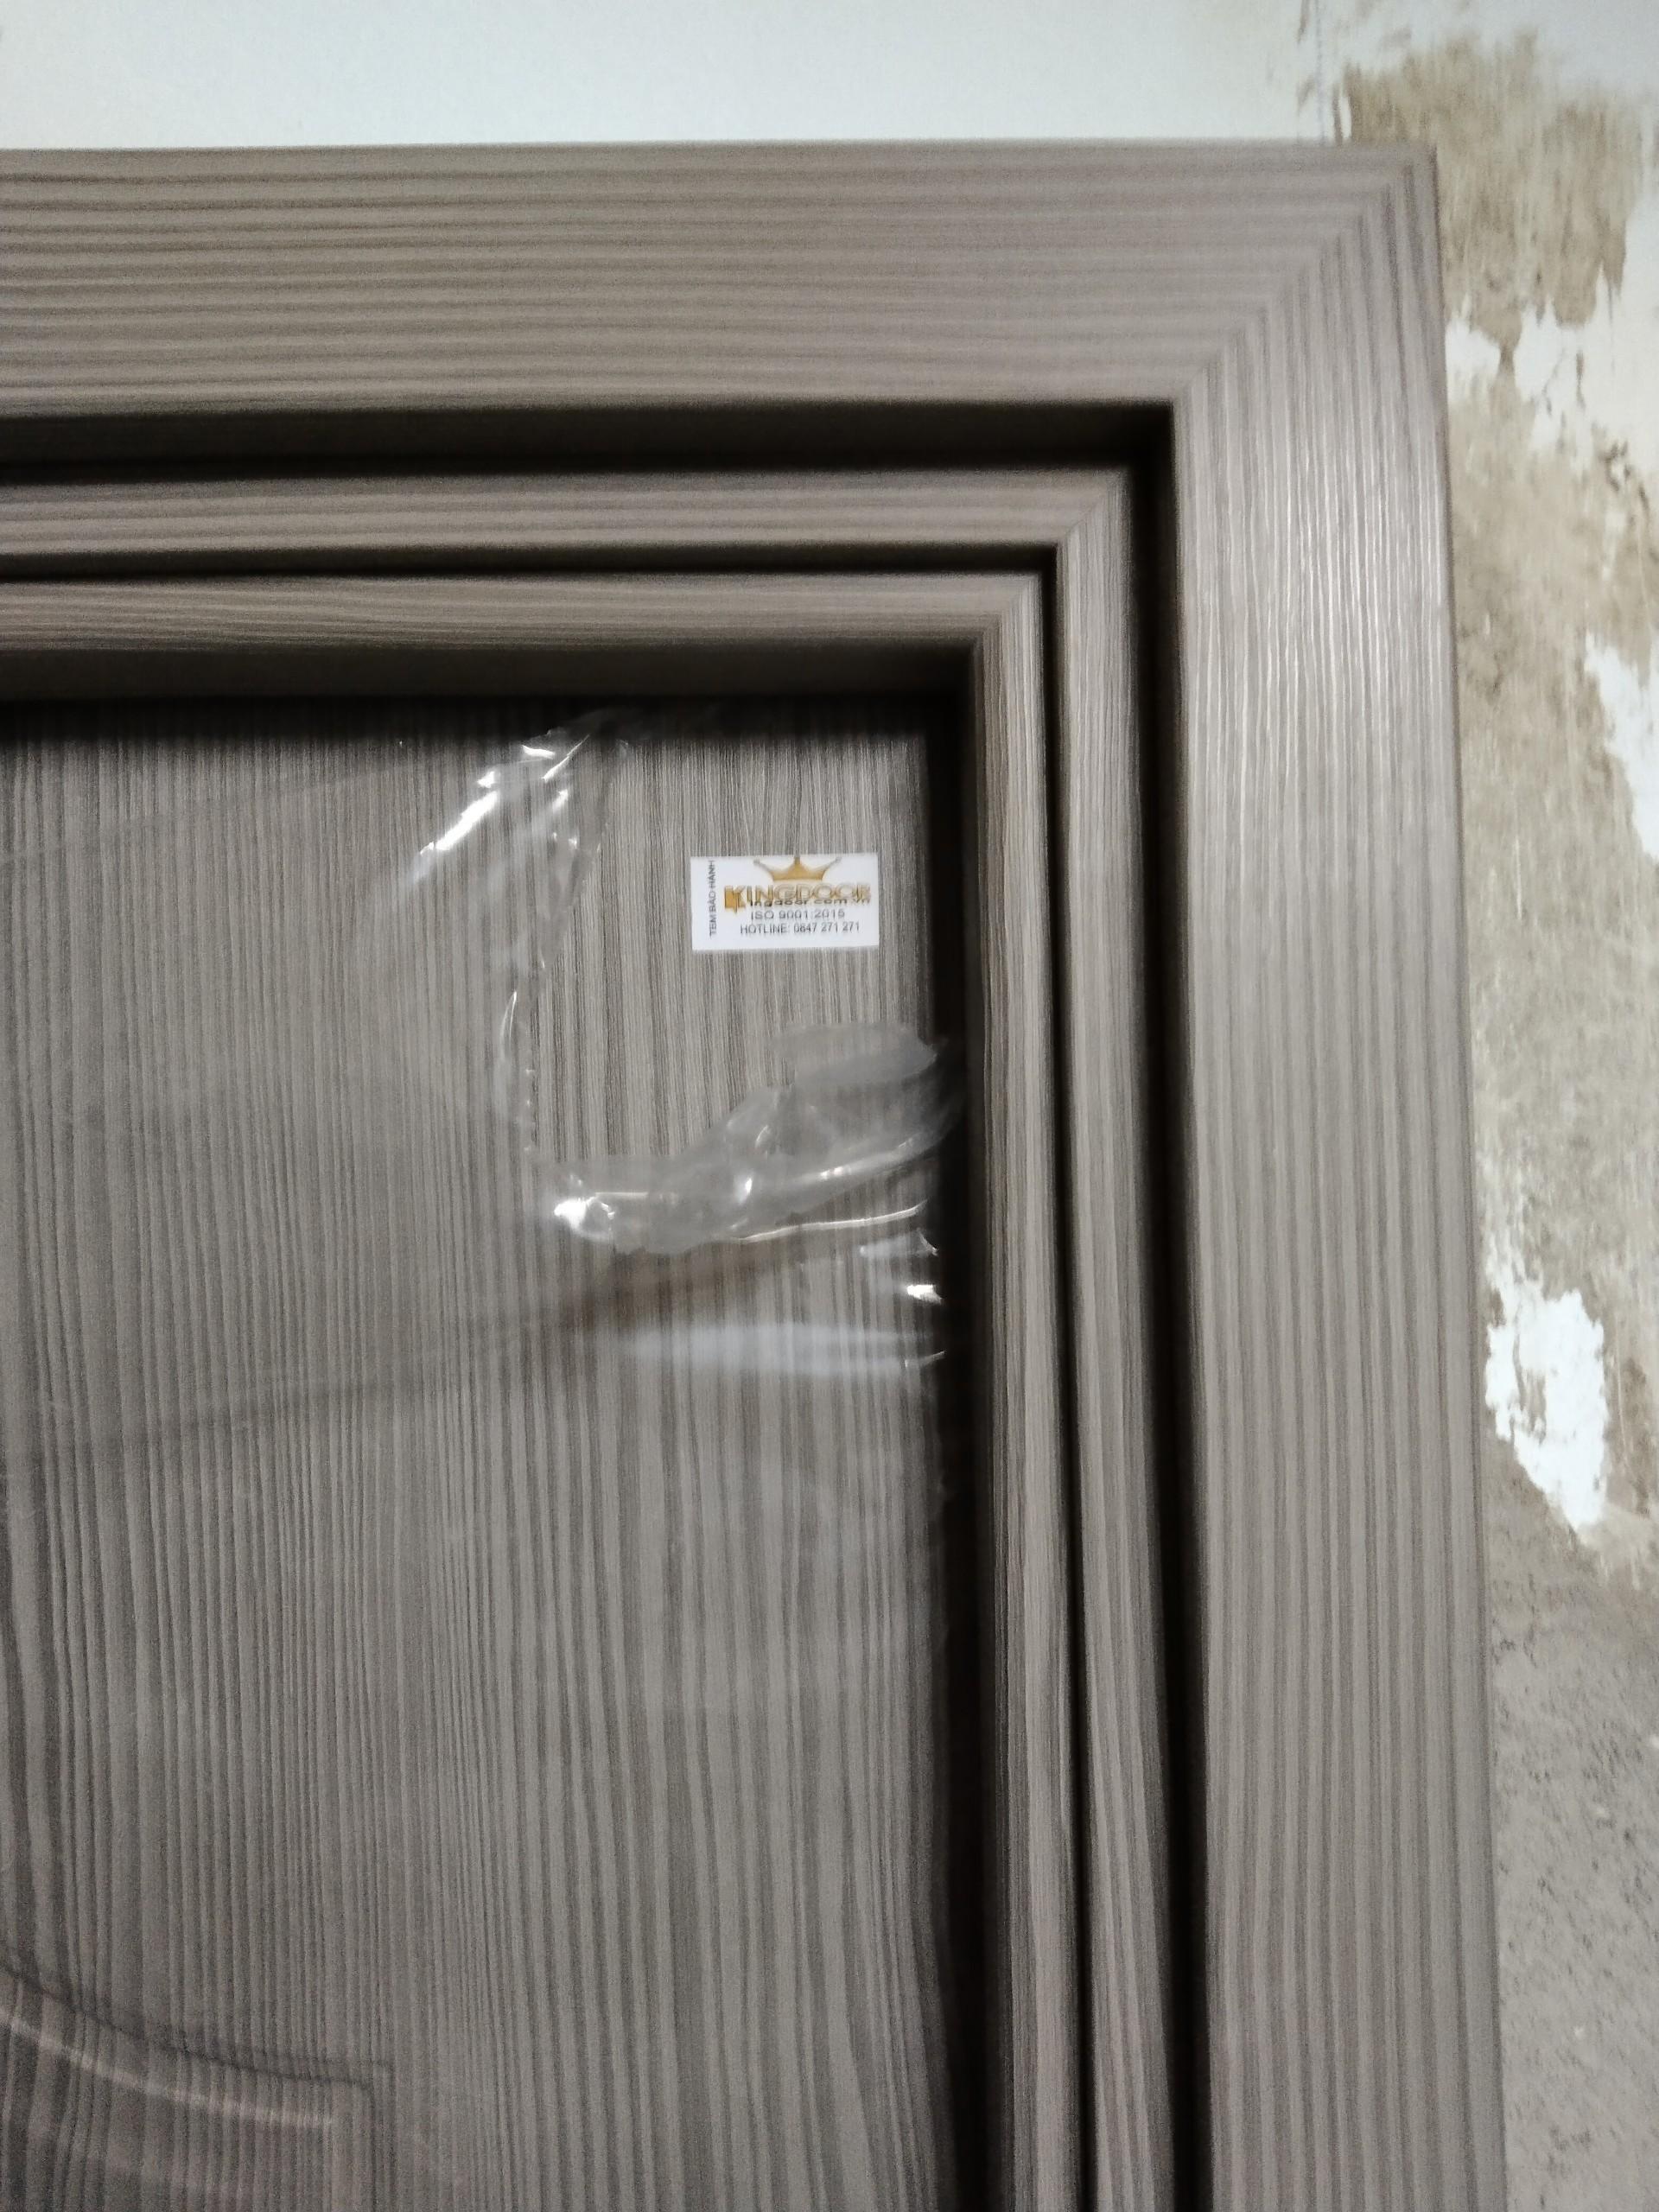 Cửa nhựa gỗ composite có tem bảo hành được gắn trên đầu cánh cửa